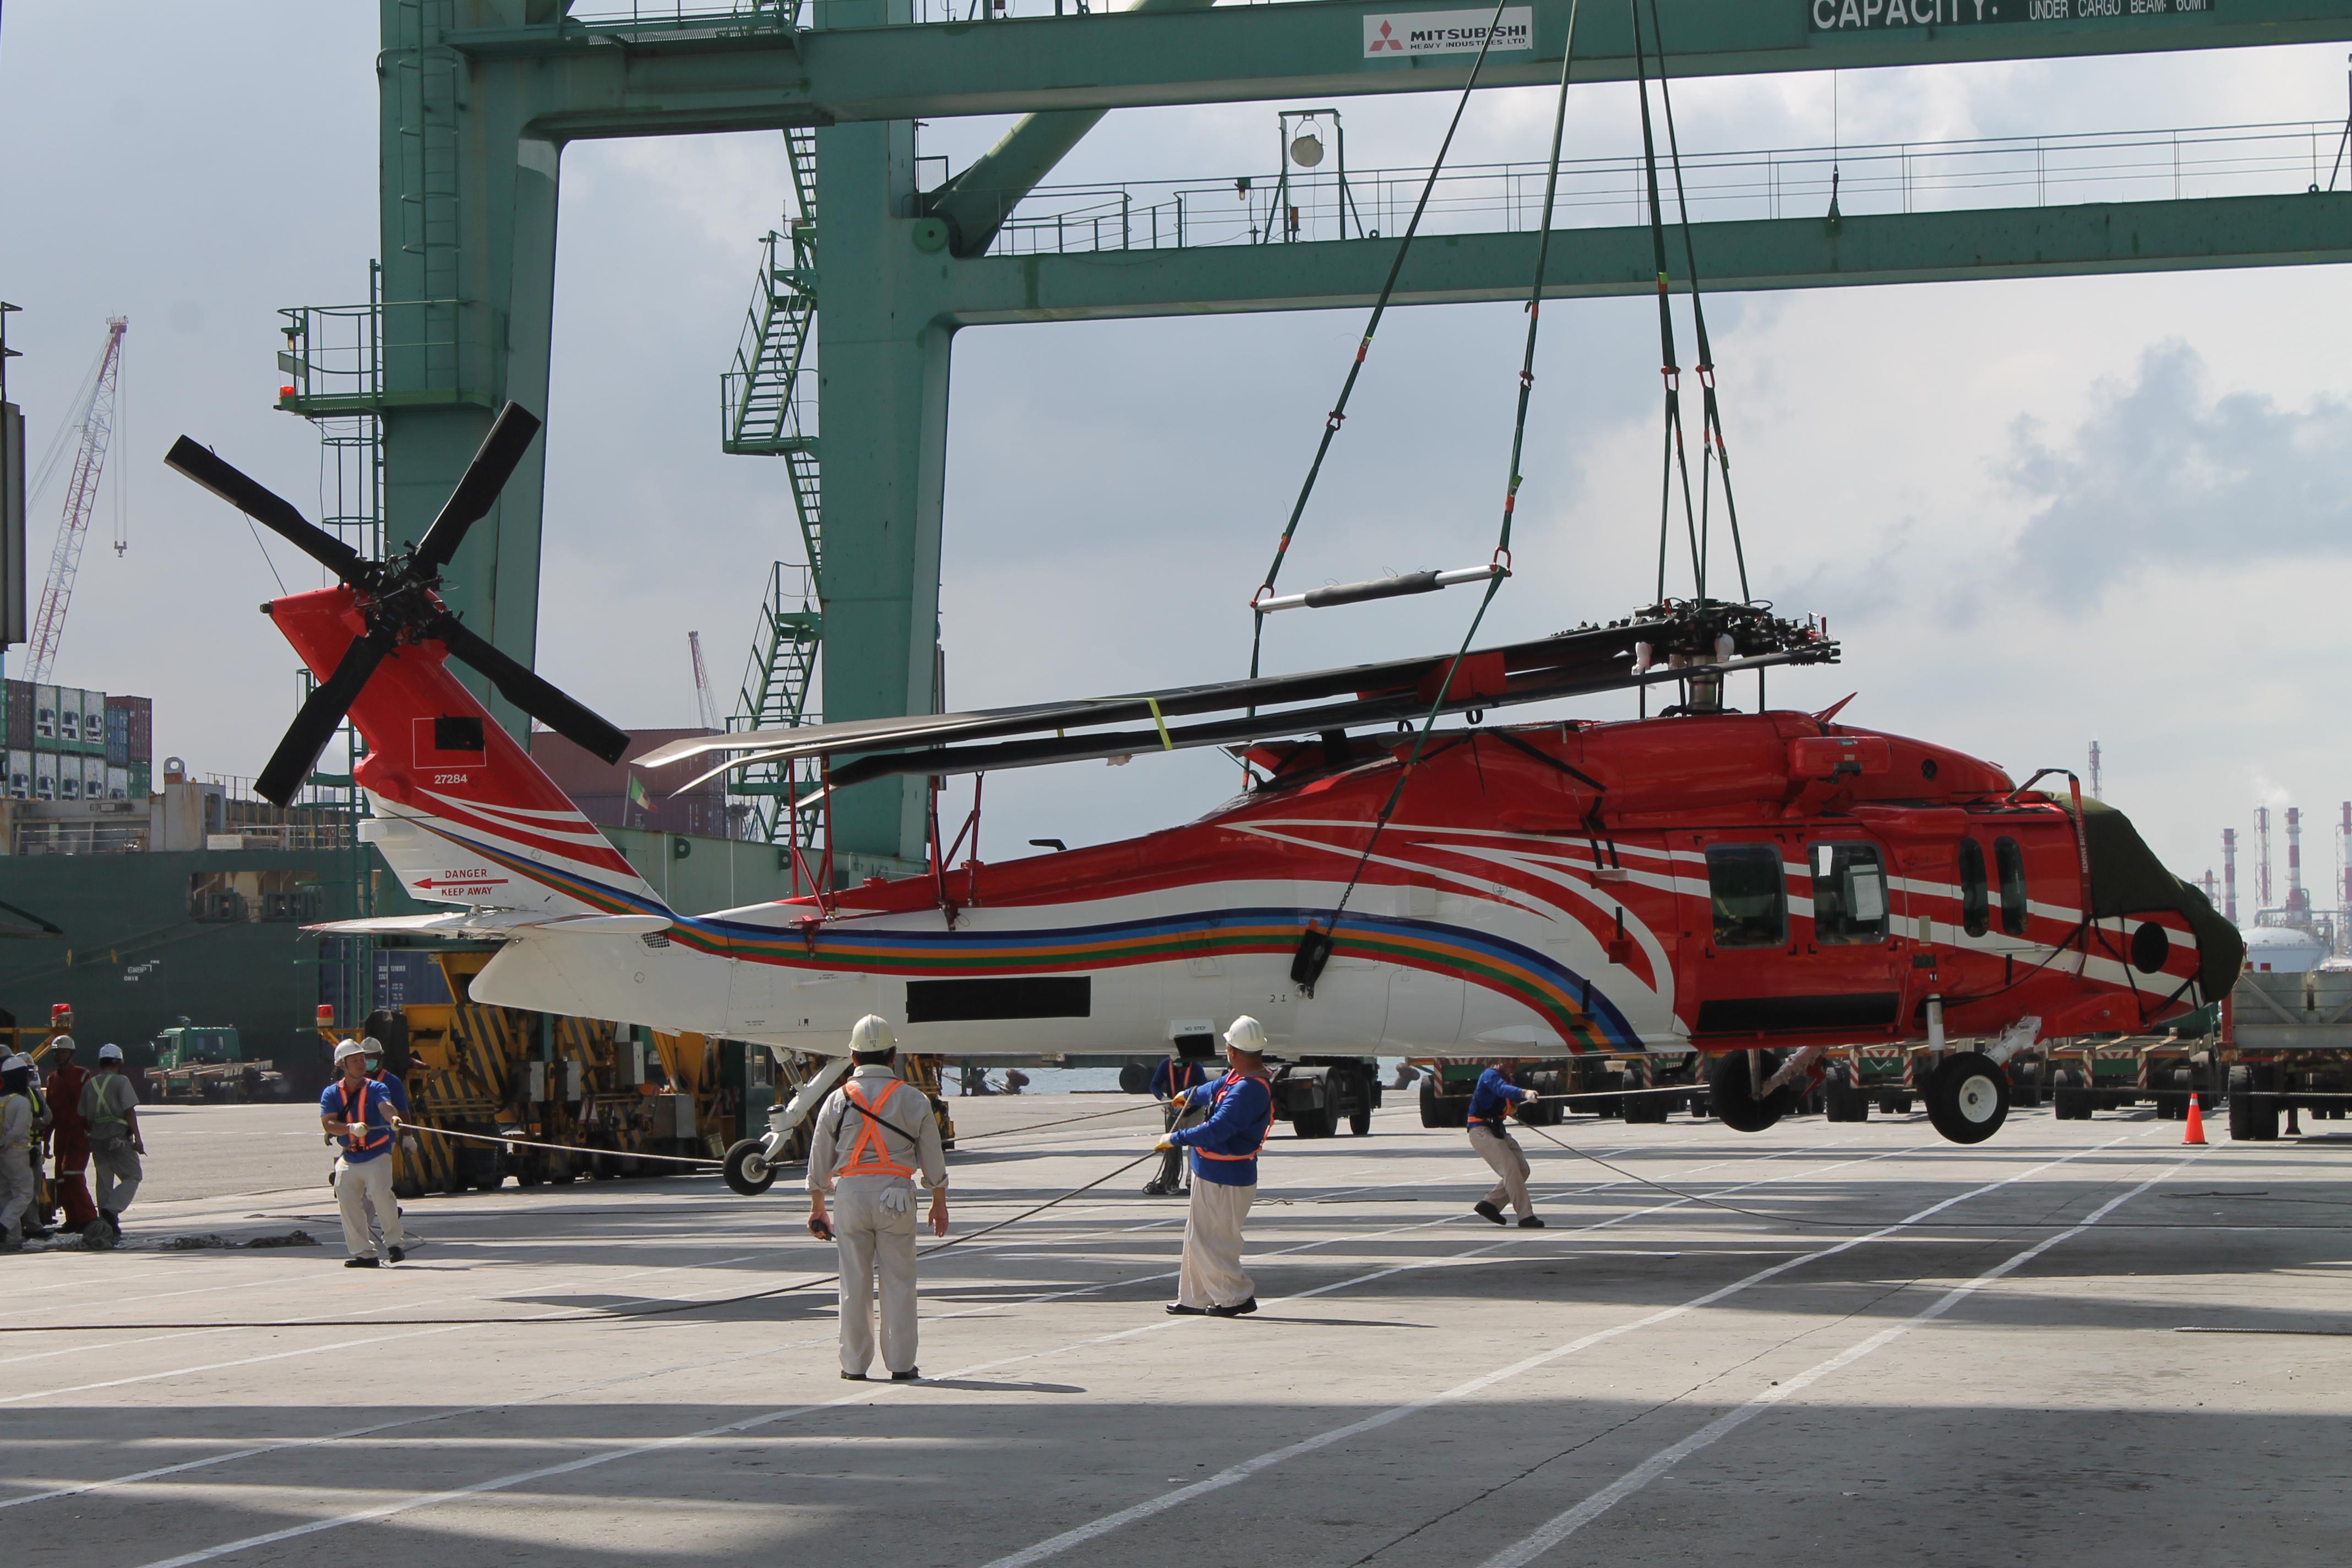 UH-60M黑鷹直升機運抵高雄港.jpg